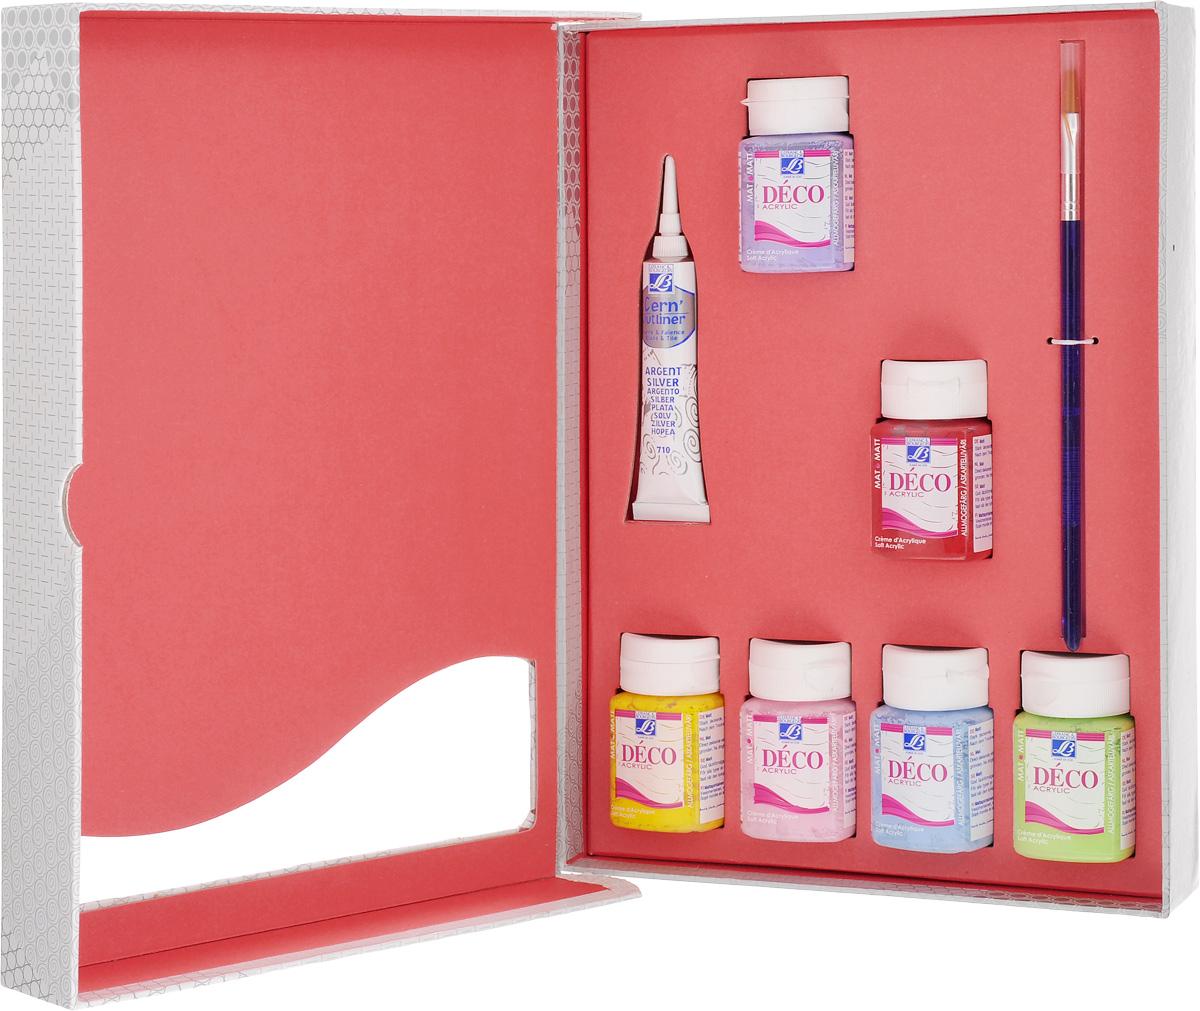 Набор акриловых красок Lefranc & Bourgeois Miss Deco, 8 предметов. LF211615LF211615Набор Lefranc & Bourgeois Miss Deco включает 6 акриловых красок разных цветов (желтый нарцисс, интенсивныйкрасный, розовый, лавандовый, голубой, анисовый), серебряный контур и кисть.Краски с эффектом матового покрытия предназначены для художественных ремесел и хобби. Произведены поспециальной рецептуре для усиления сцепления на всех впитывающих поверхностях. Идеально подходят дляокрашивания дерева, бумаги, картона, оштукатуренных поверхностей, моделирующей пасты, глины, соломки, стенс матовым эмульсионным покрытием, тканей, не допускающих стирки. Также краски можно использовать дляневпитывающих поверхностей: стекло, металл (металлические поверхности должны быть загрунтованы), пластик.Высокая насыщенность красок создает эффект нежного бархатистого покрытия. Взаимосмешиваемы. Прочноематовое покрытие обладает пылезащитными свойствами. Объем краски: 50 мл.Количество красок: 6 шт.Объем контура: 20 мл.Длина кисти: 19 см.